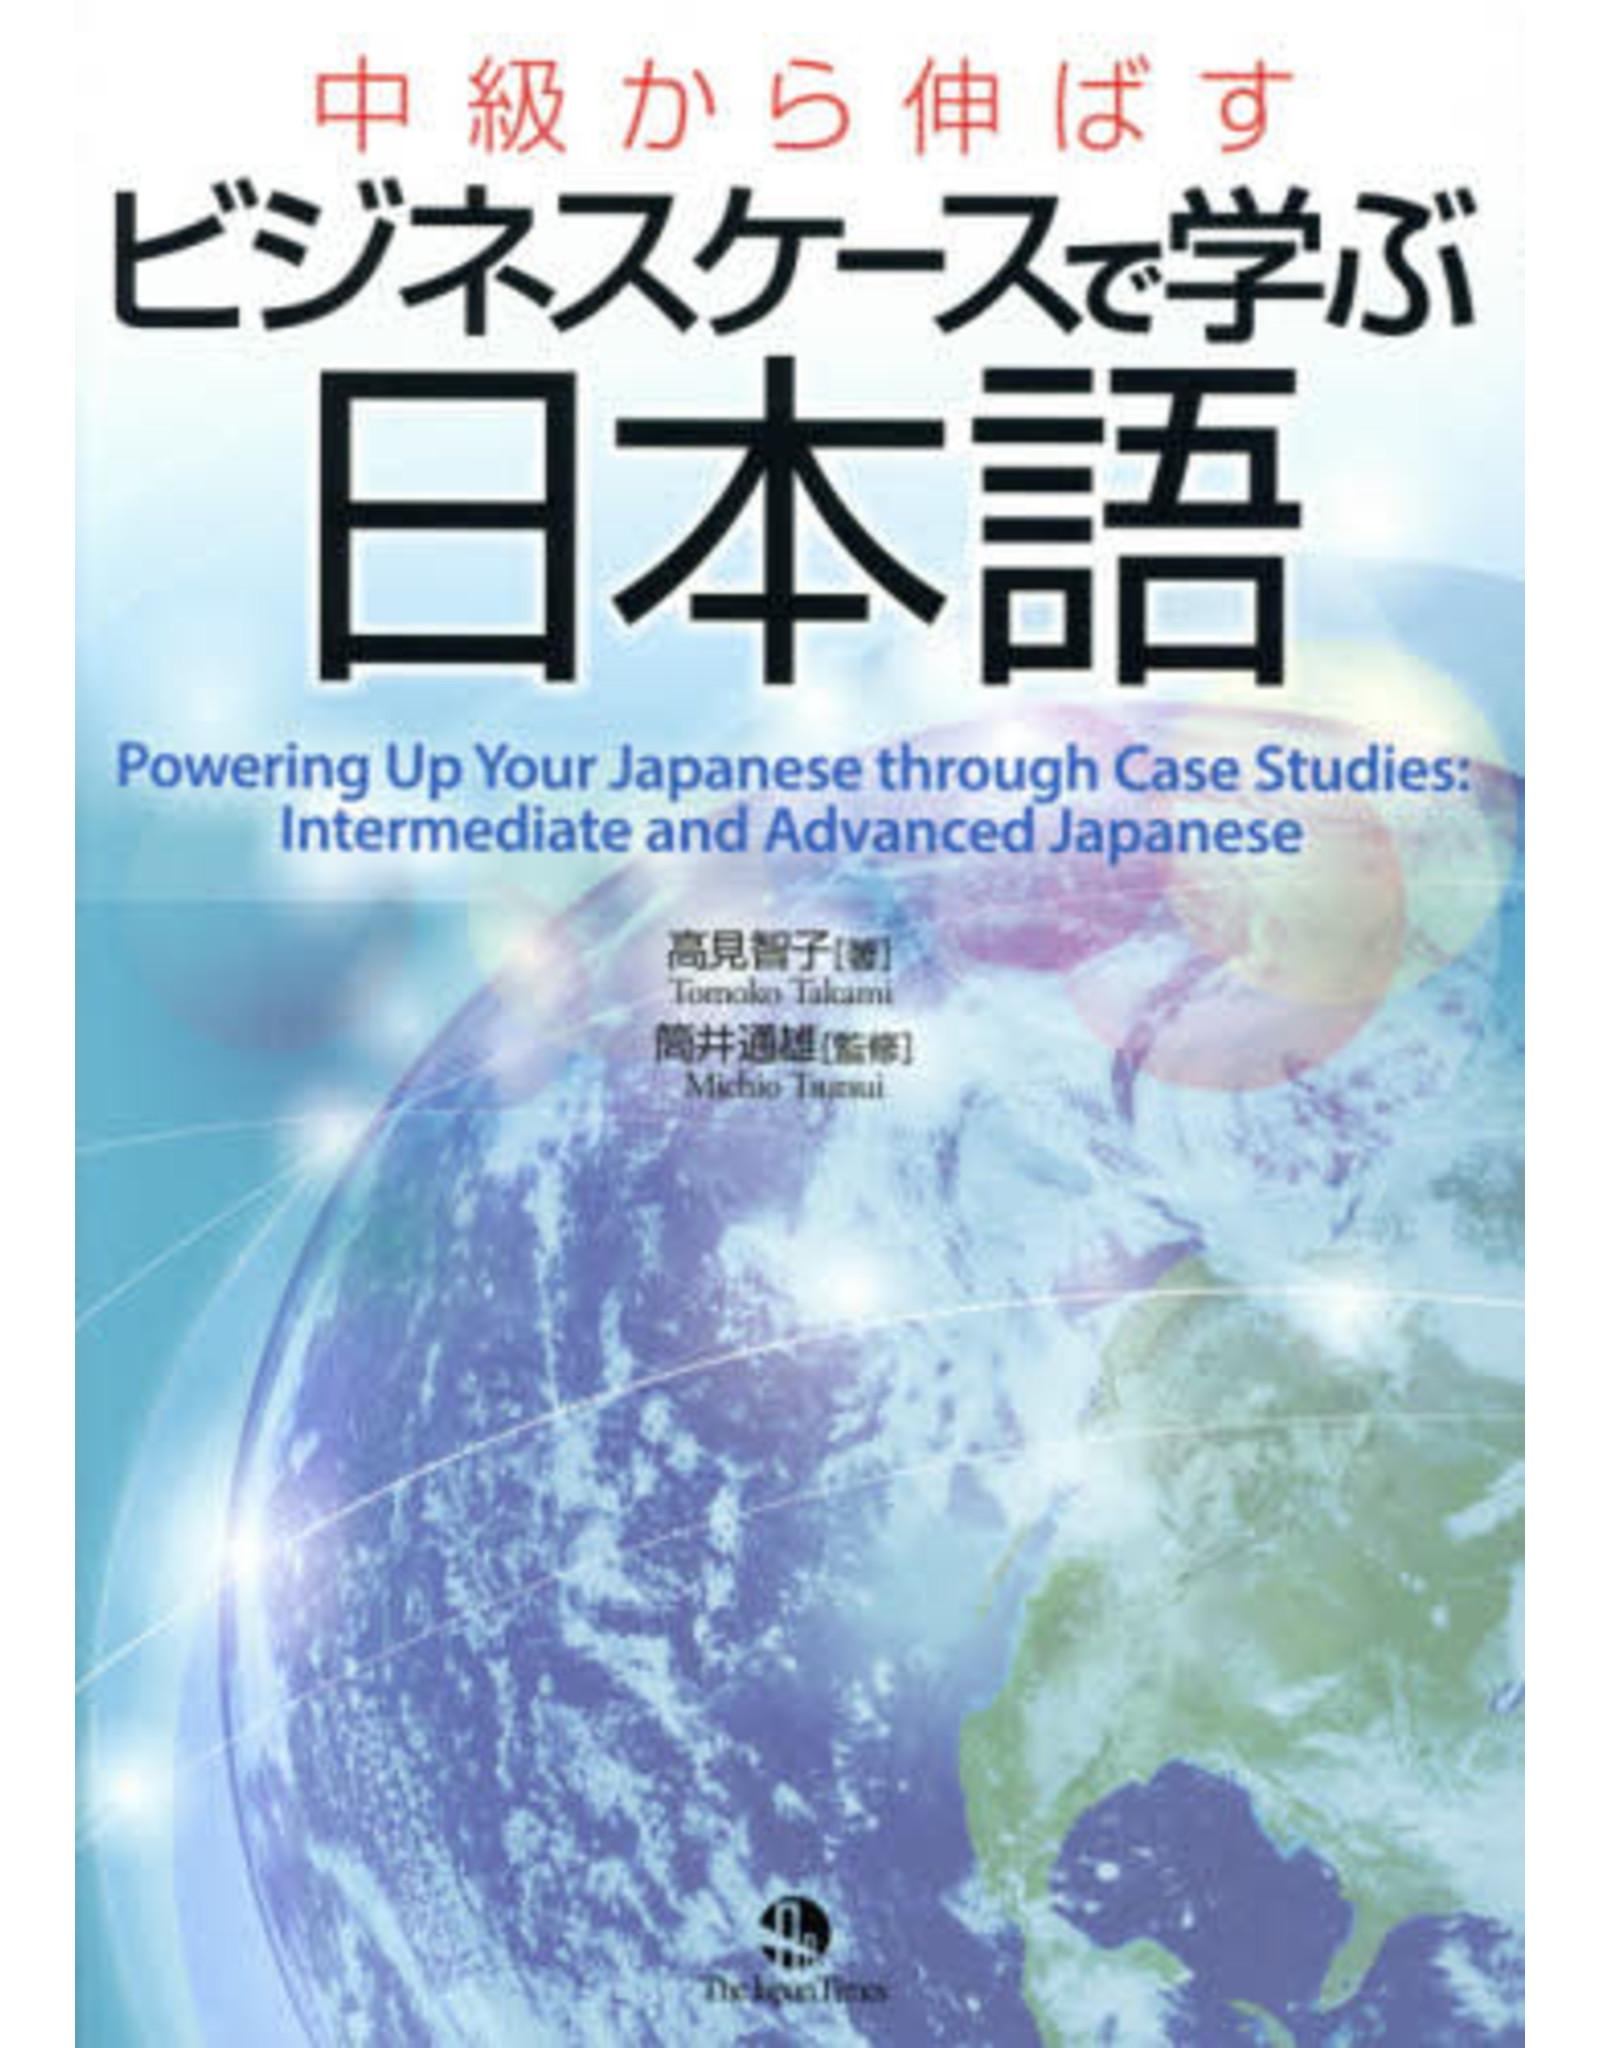 JAPAN TIMES CHUKYU KARA NOBASU BUSINESS CASE DE MANABU NIHONGO